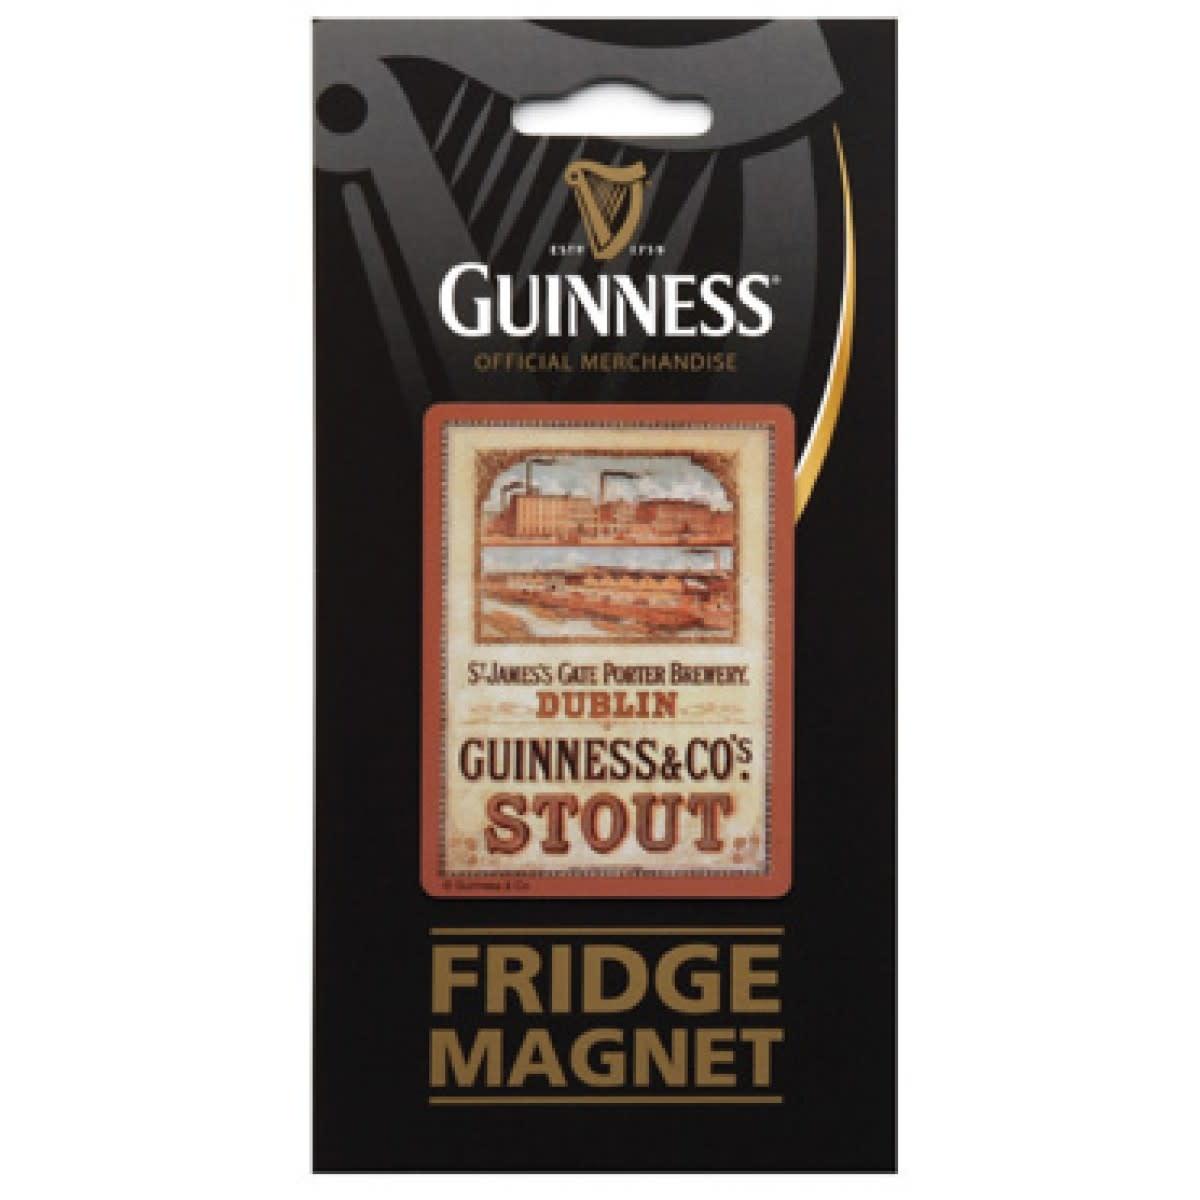 Guinness Guinness: Fridge Magnet, Brewery